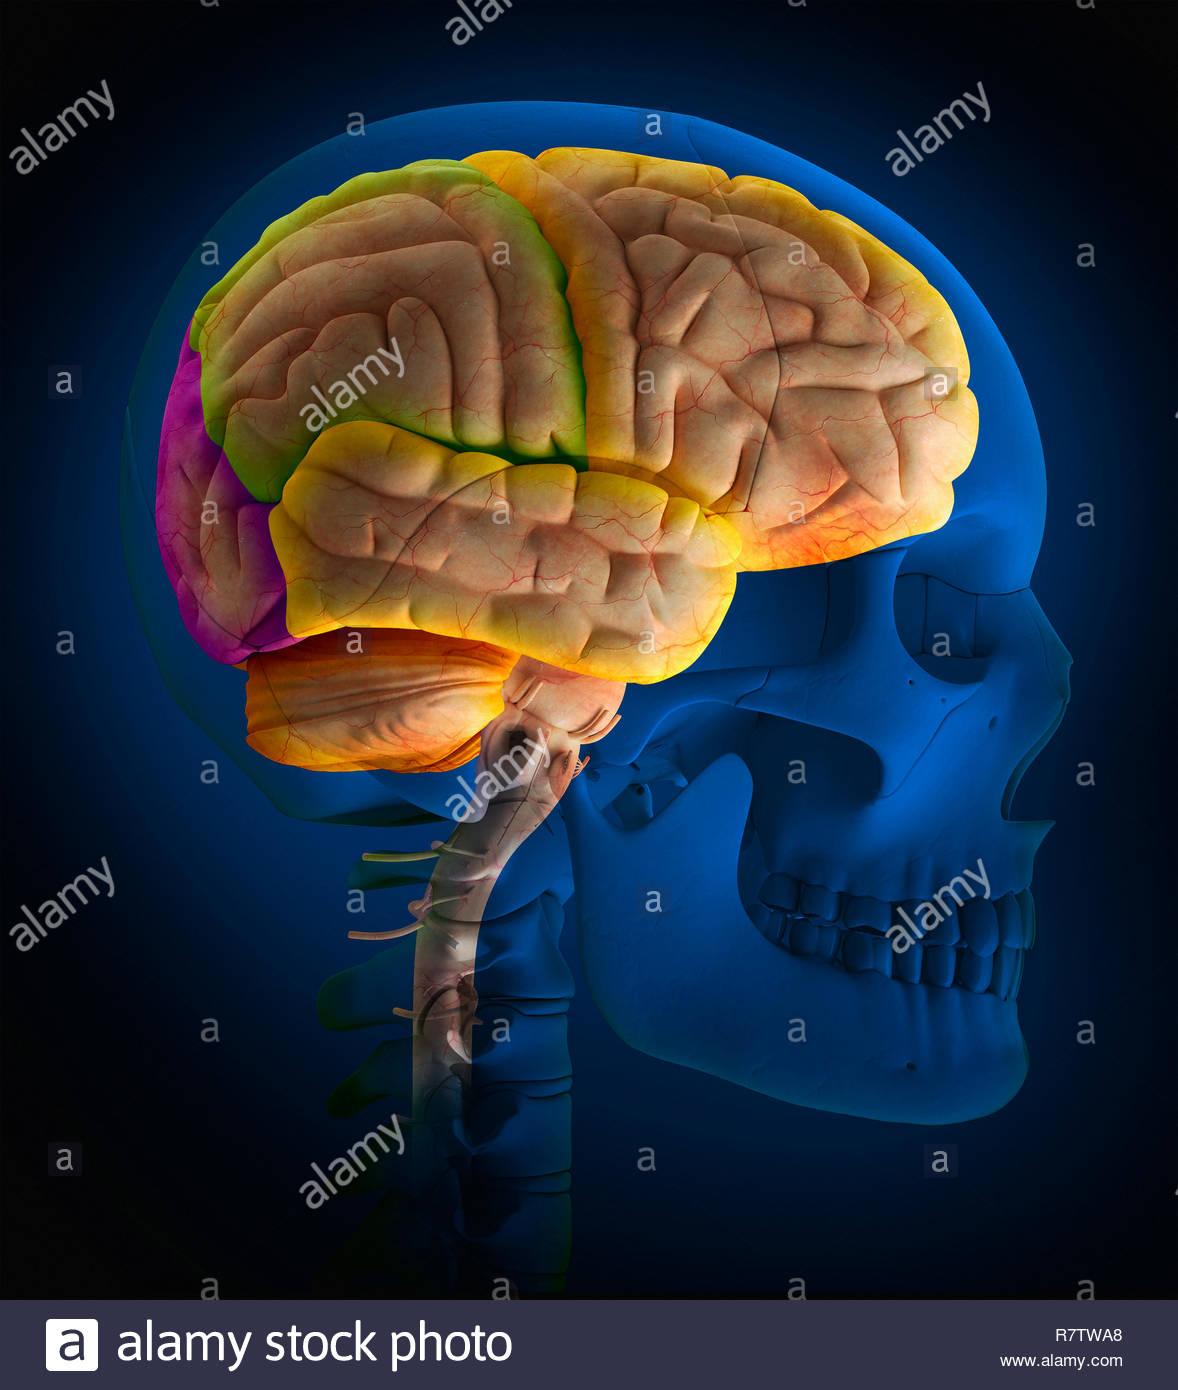 Computer-generierte biomedizinischen Illustration der Schädel und die Nocken des menschlichen Gehirns Stockbild